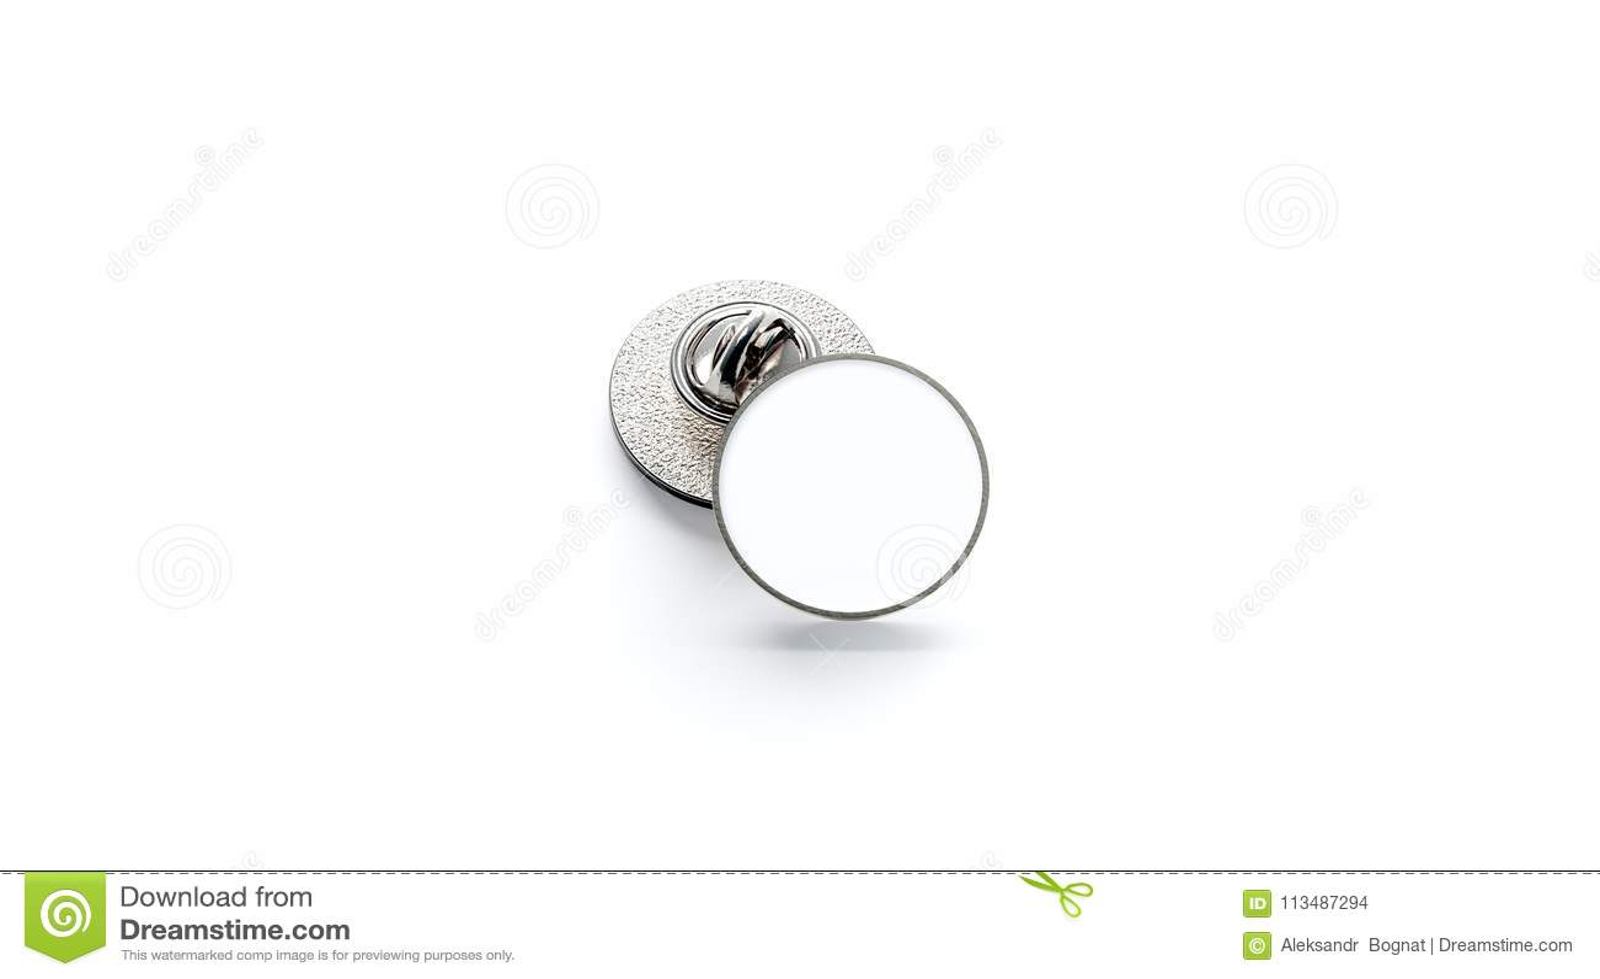 Пустой белый круглый серебряный стог модель-макета значка отворотом,